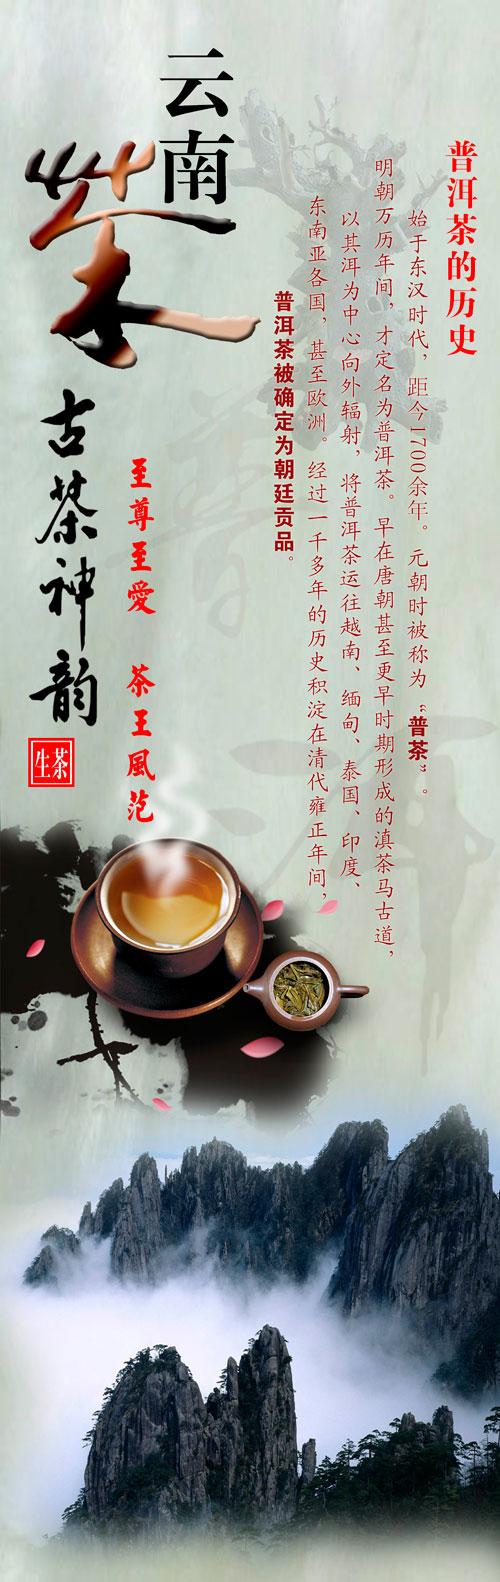 茶文化图片素材